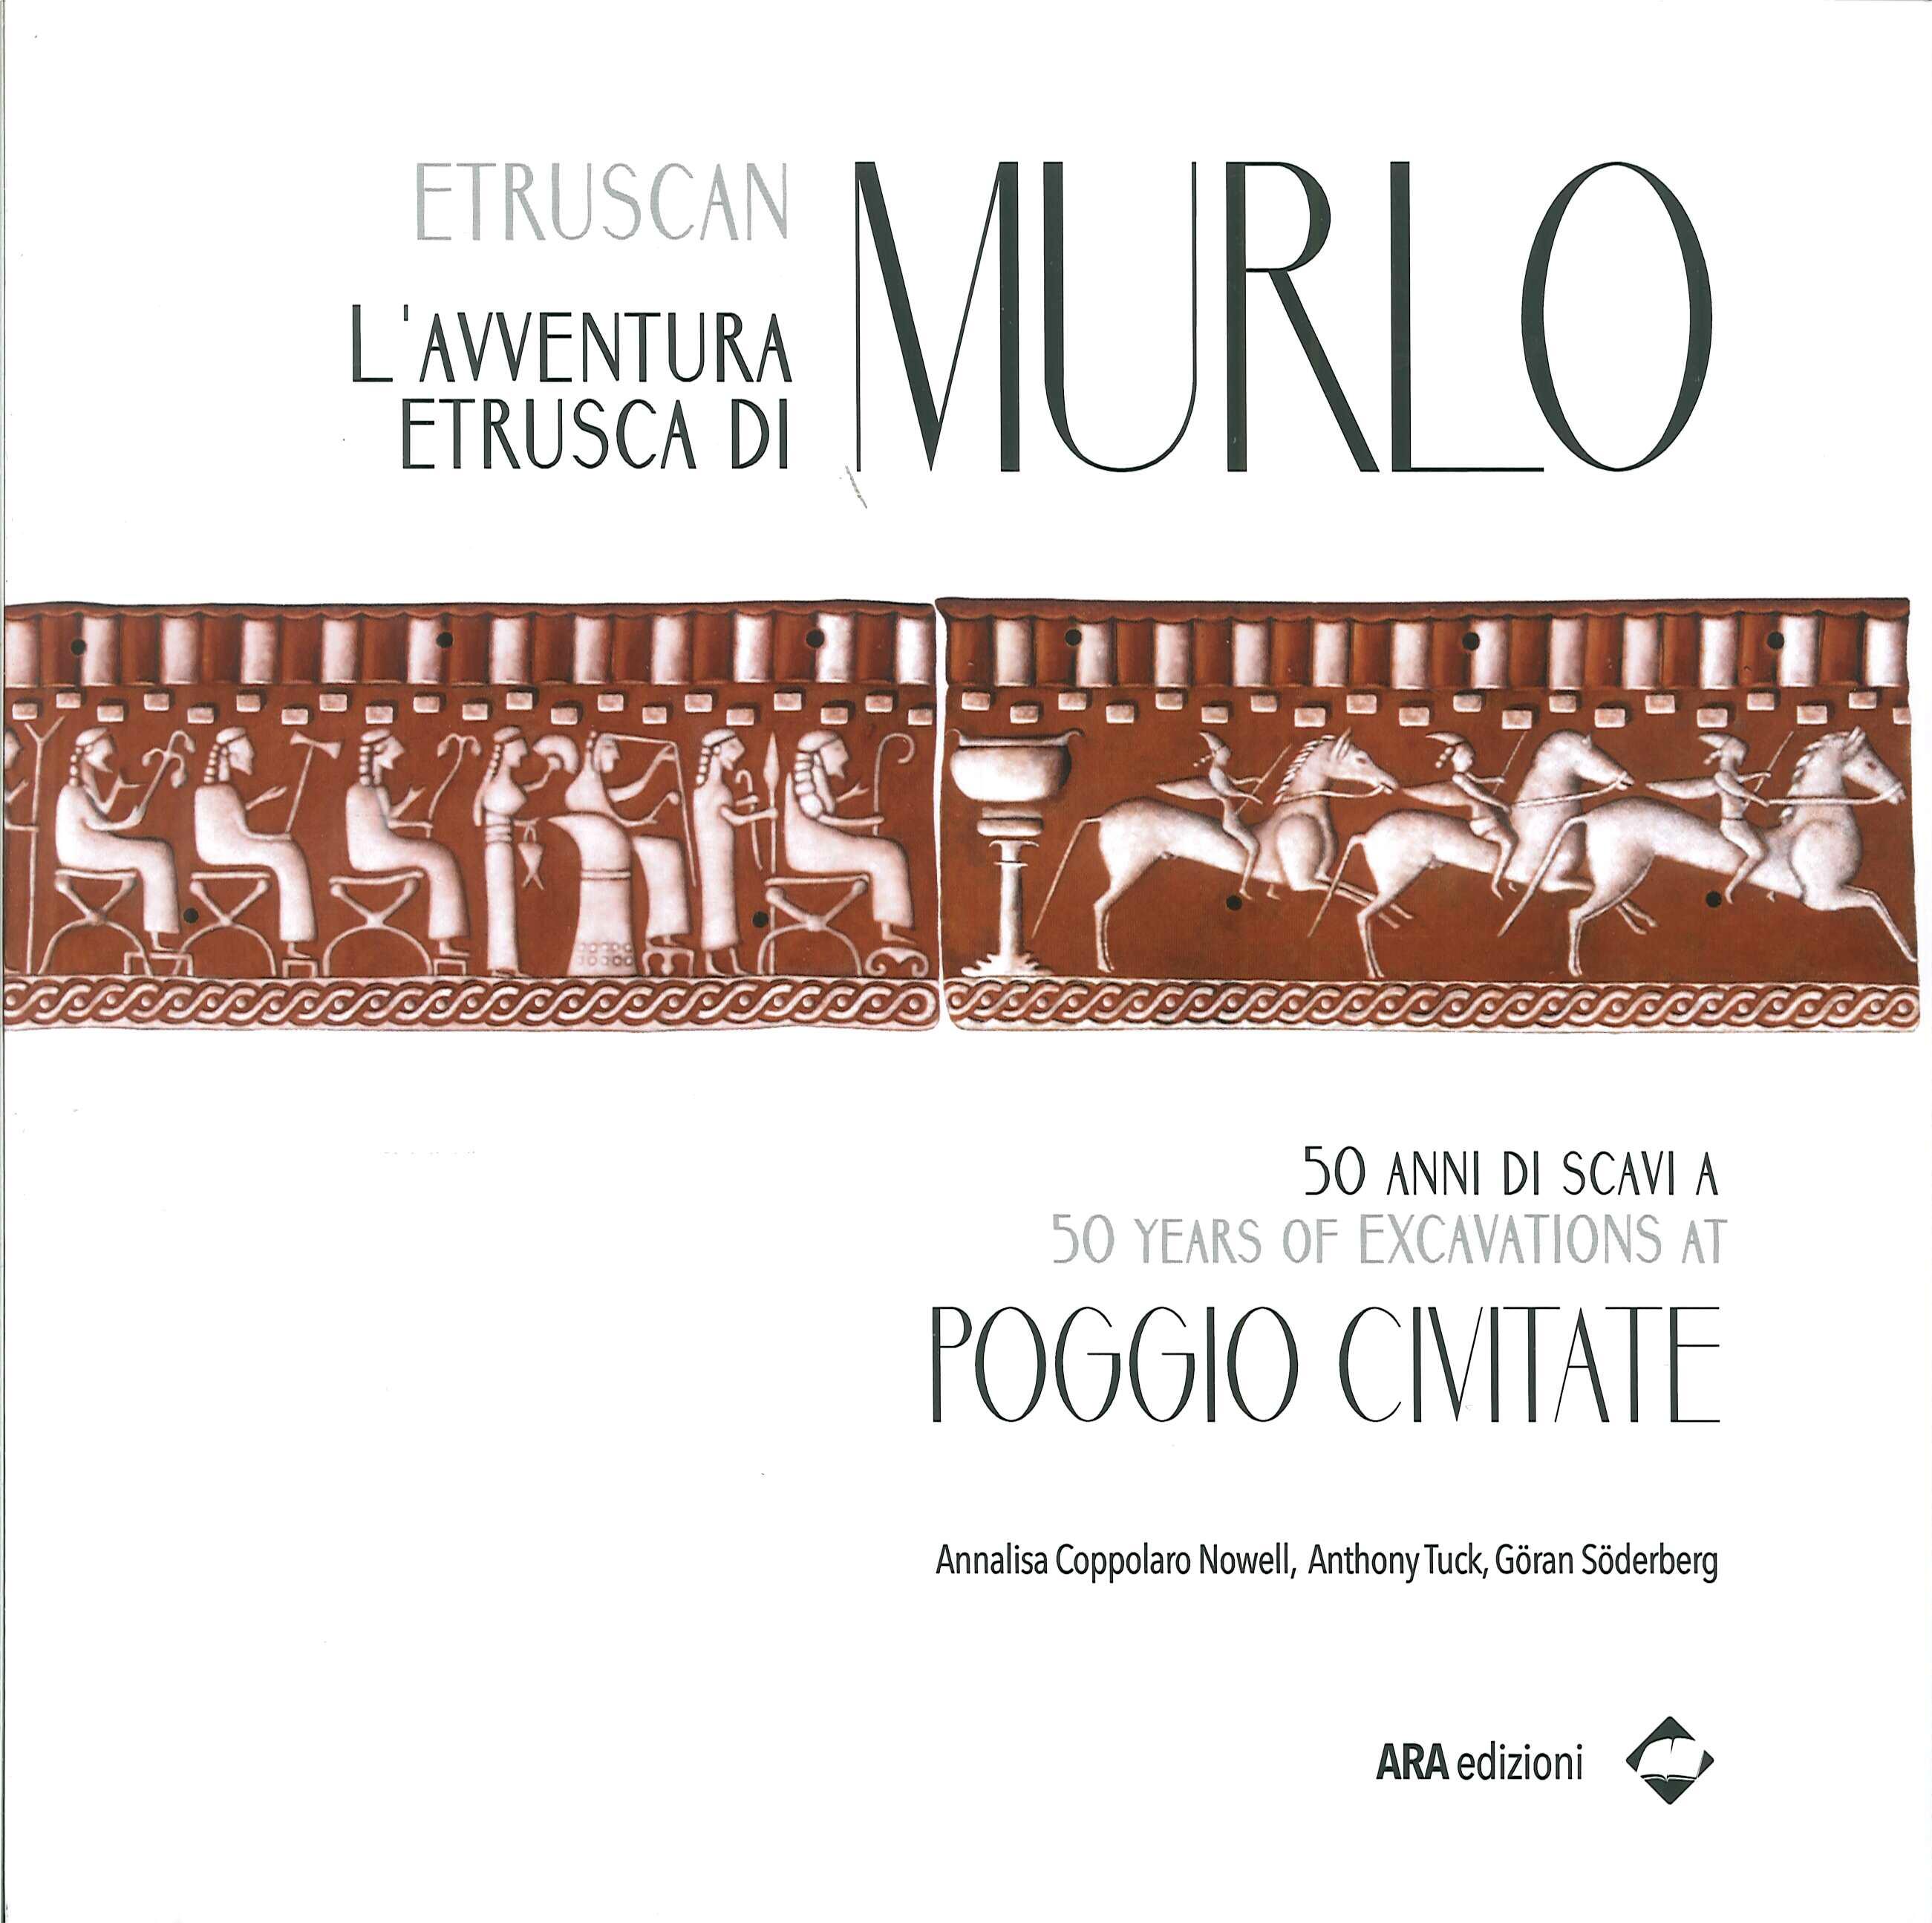 L'Avventura Etrusca di Murlo. 50 Anni di Scavi a Poggio Civitae. 50 Years of Excavations At Poggio Civitae